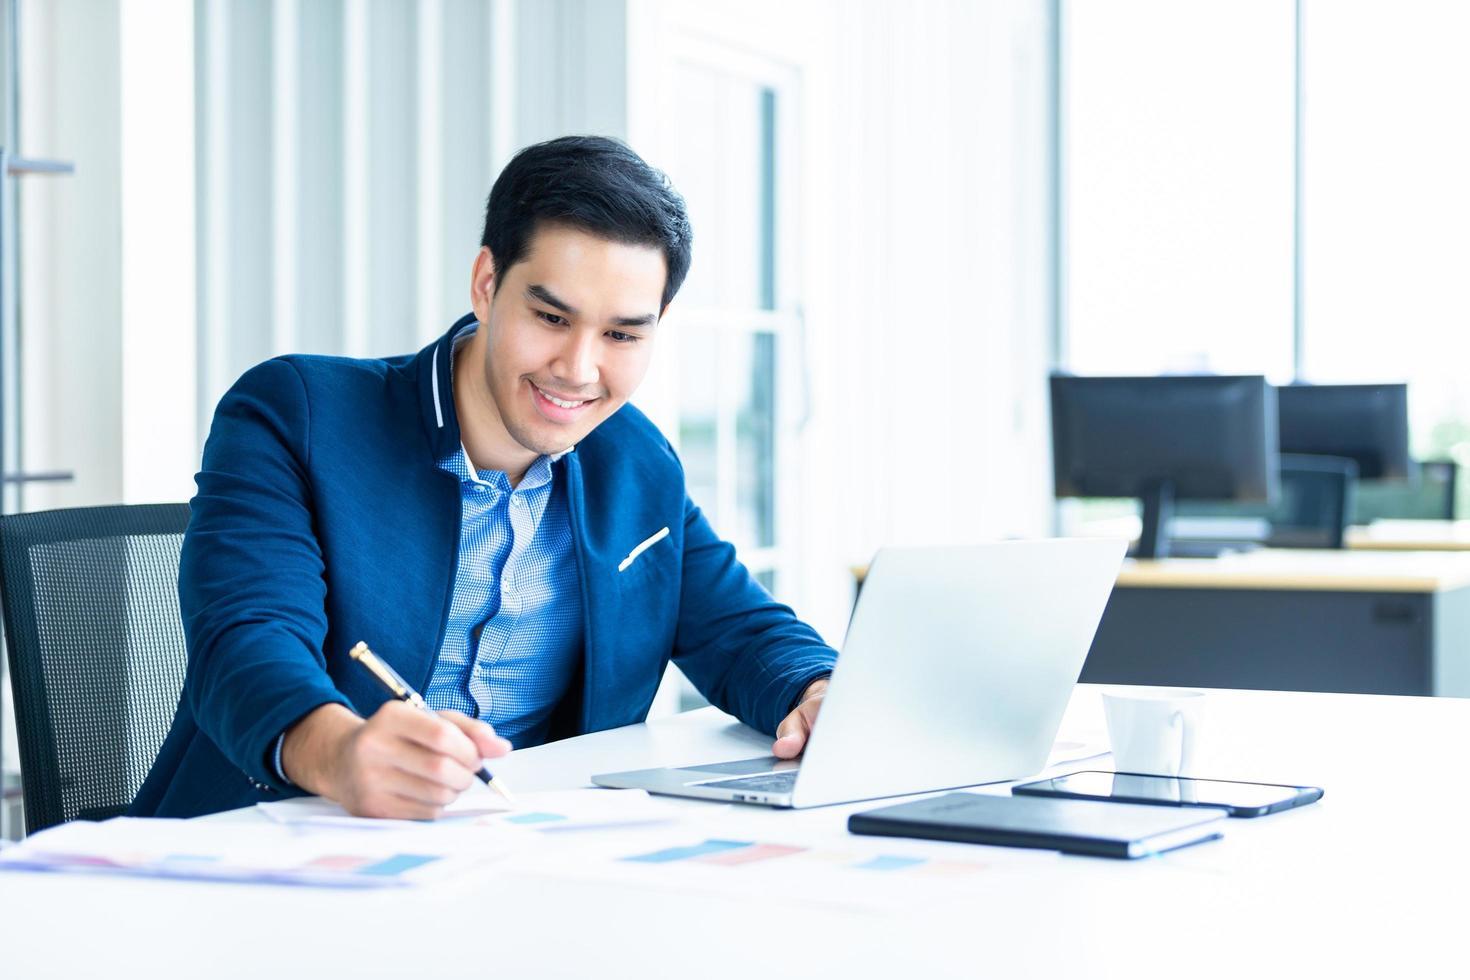 junger asiatischer Geschäftsmann, der an seinem Schreibtisch arbeitet foto